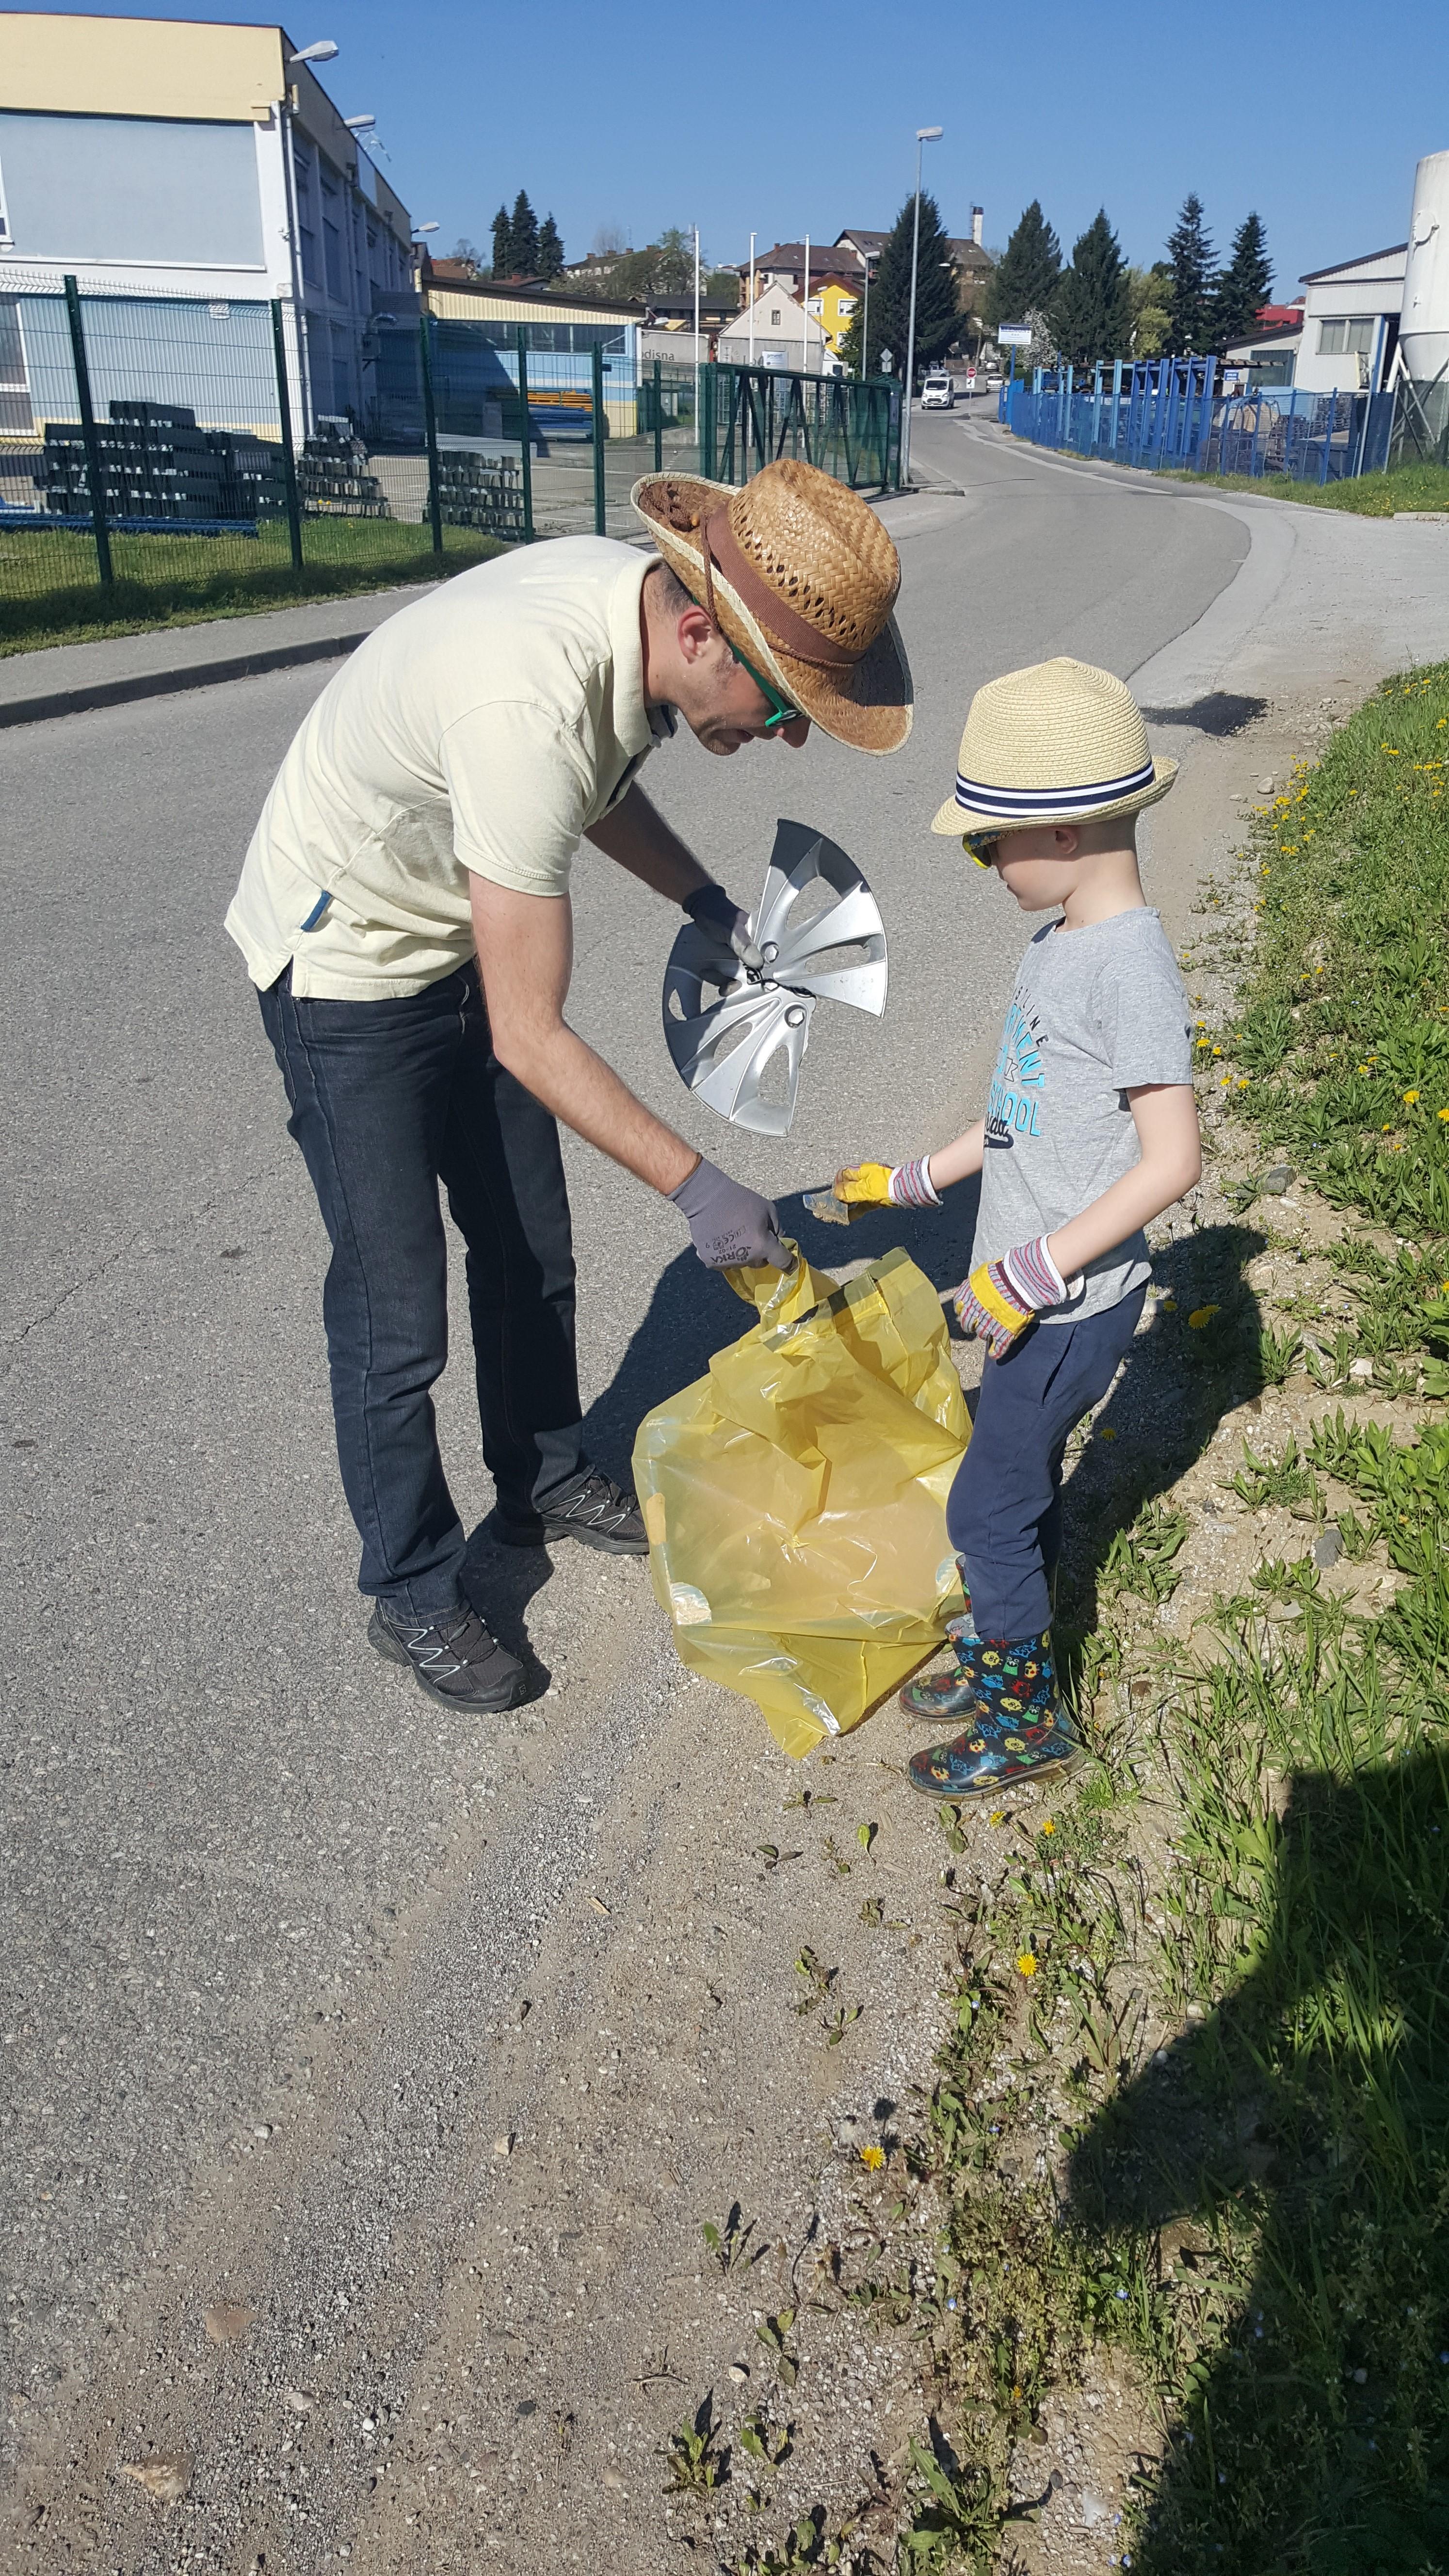 Sobotne čistilne akcije v Benediktu se je udeležilo okoli 300 občank in občanov